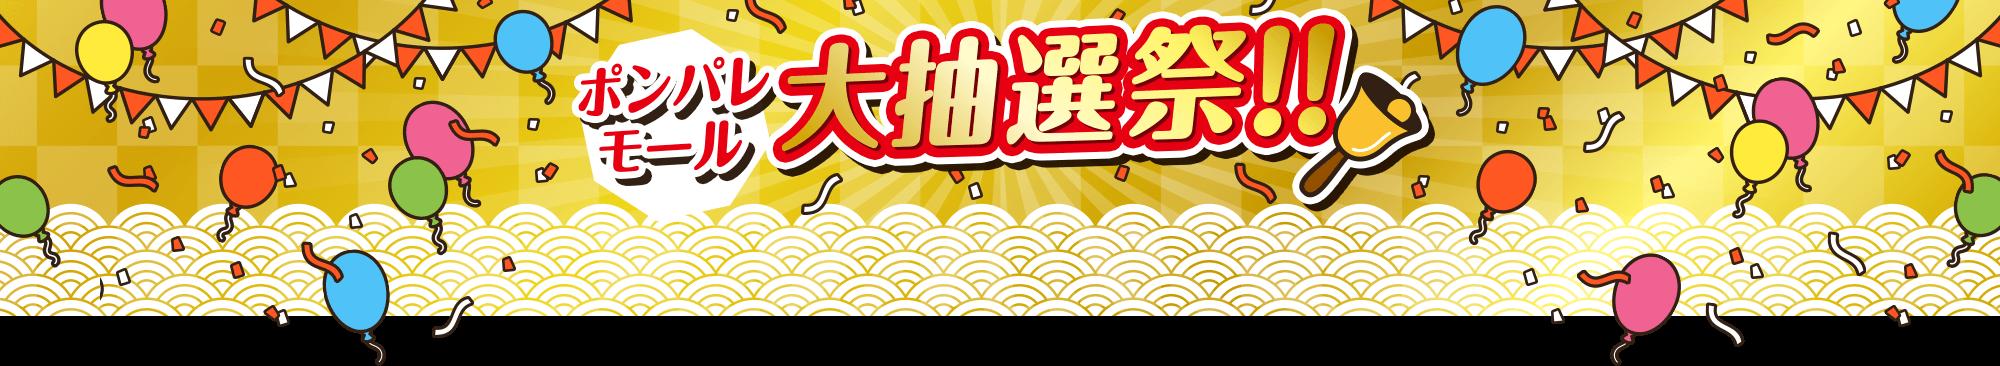 ポンパレモール大抽選祭!!